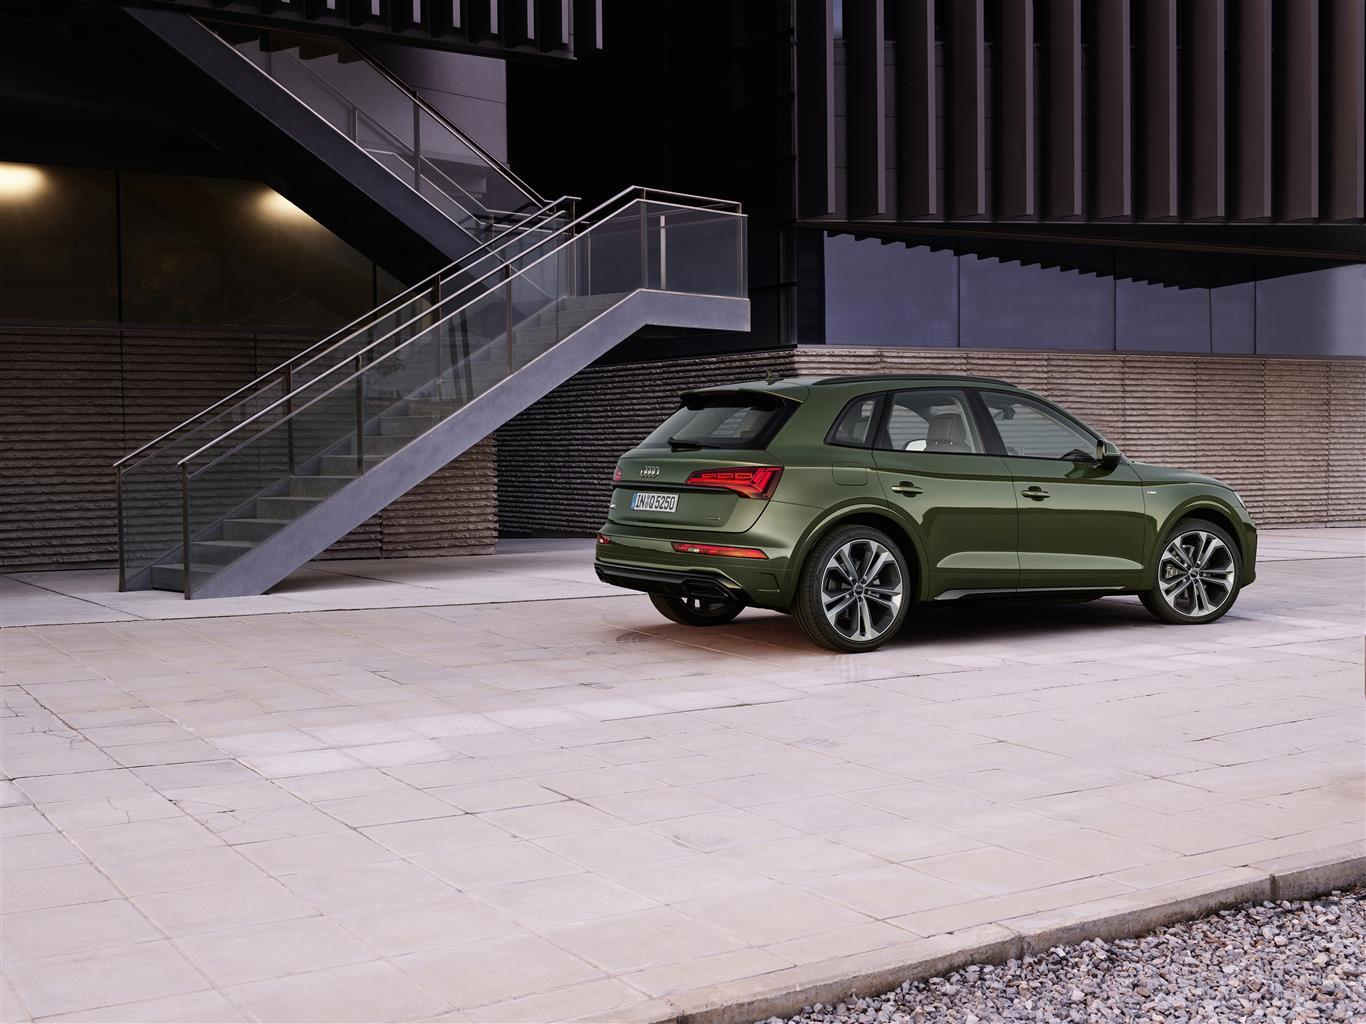 Nuova Audi Q5 laterale